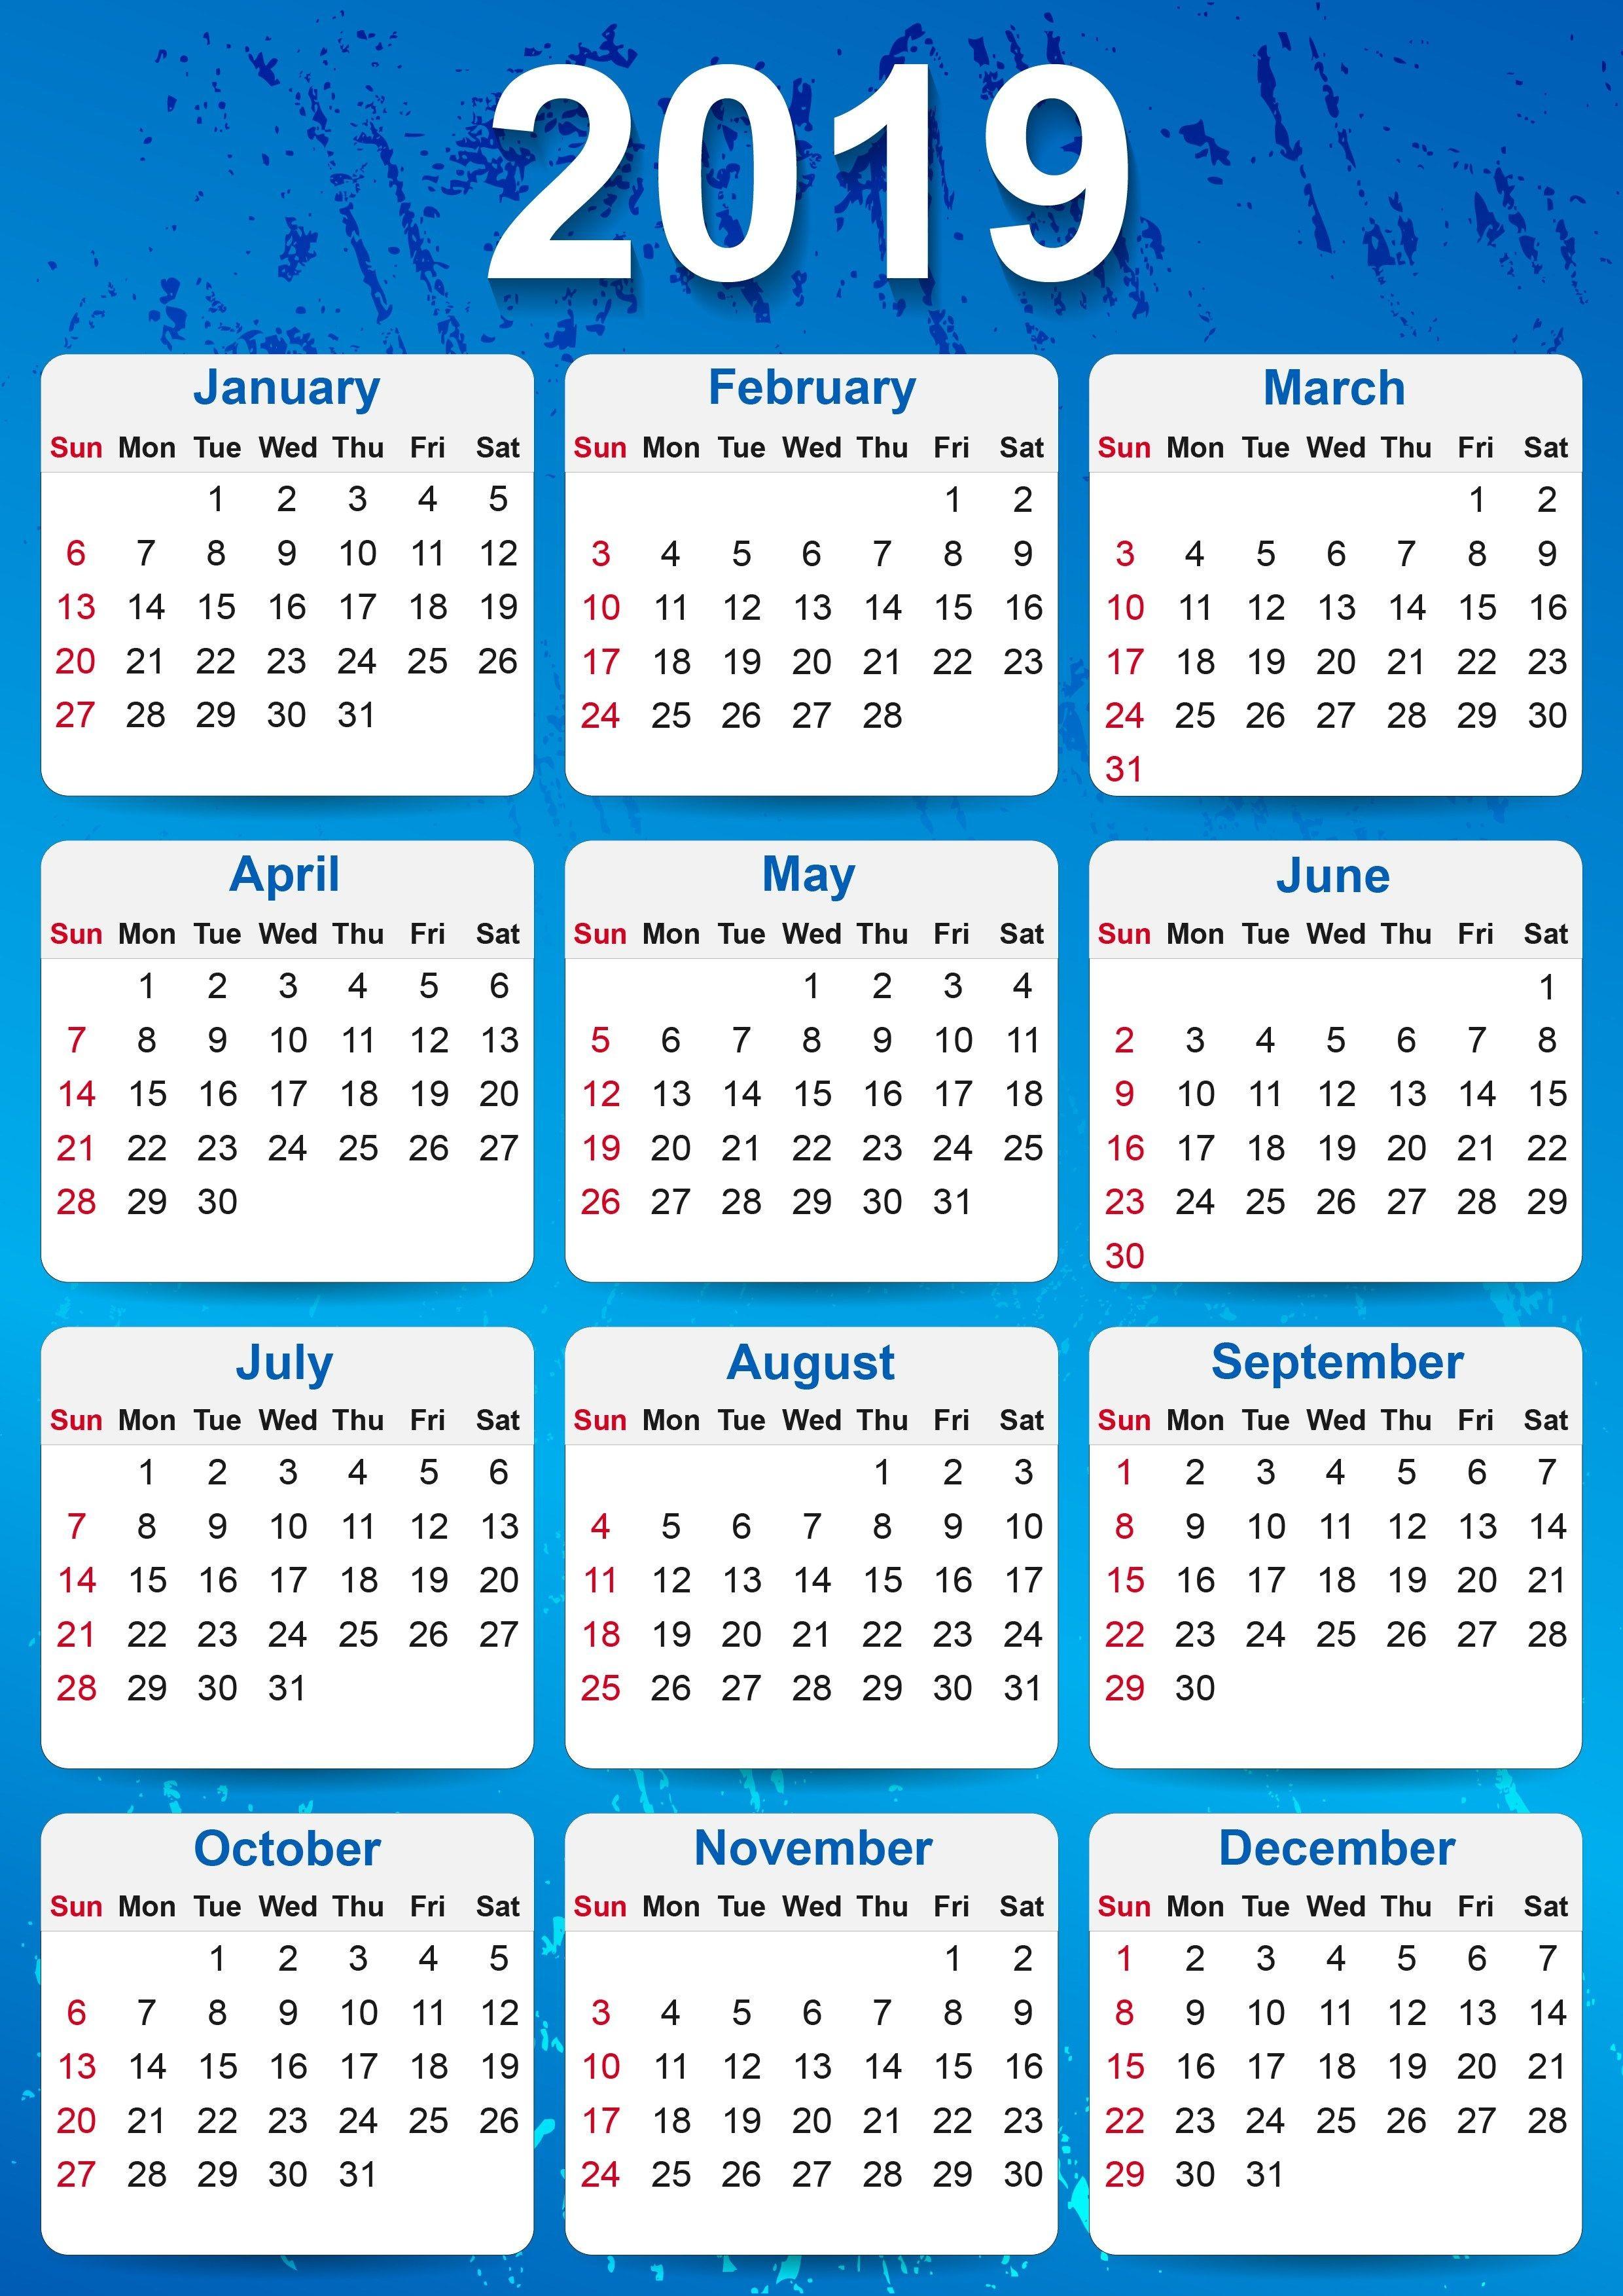 March 2019 Calendar Lala Ramswaroop Más Populares Hindu Calendar 2019 Pdf Free Download Of March 2019 Calendar Lala Ramswaroop Más Caliente News Flash Connected with Lala Ramswaroop Calendar 2019 Download Pdf